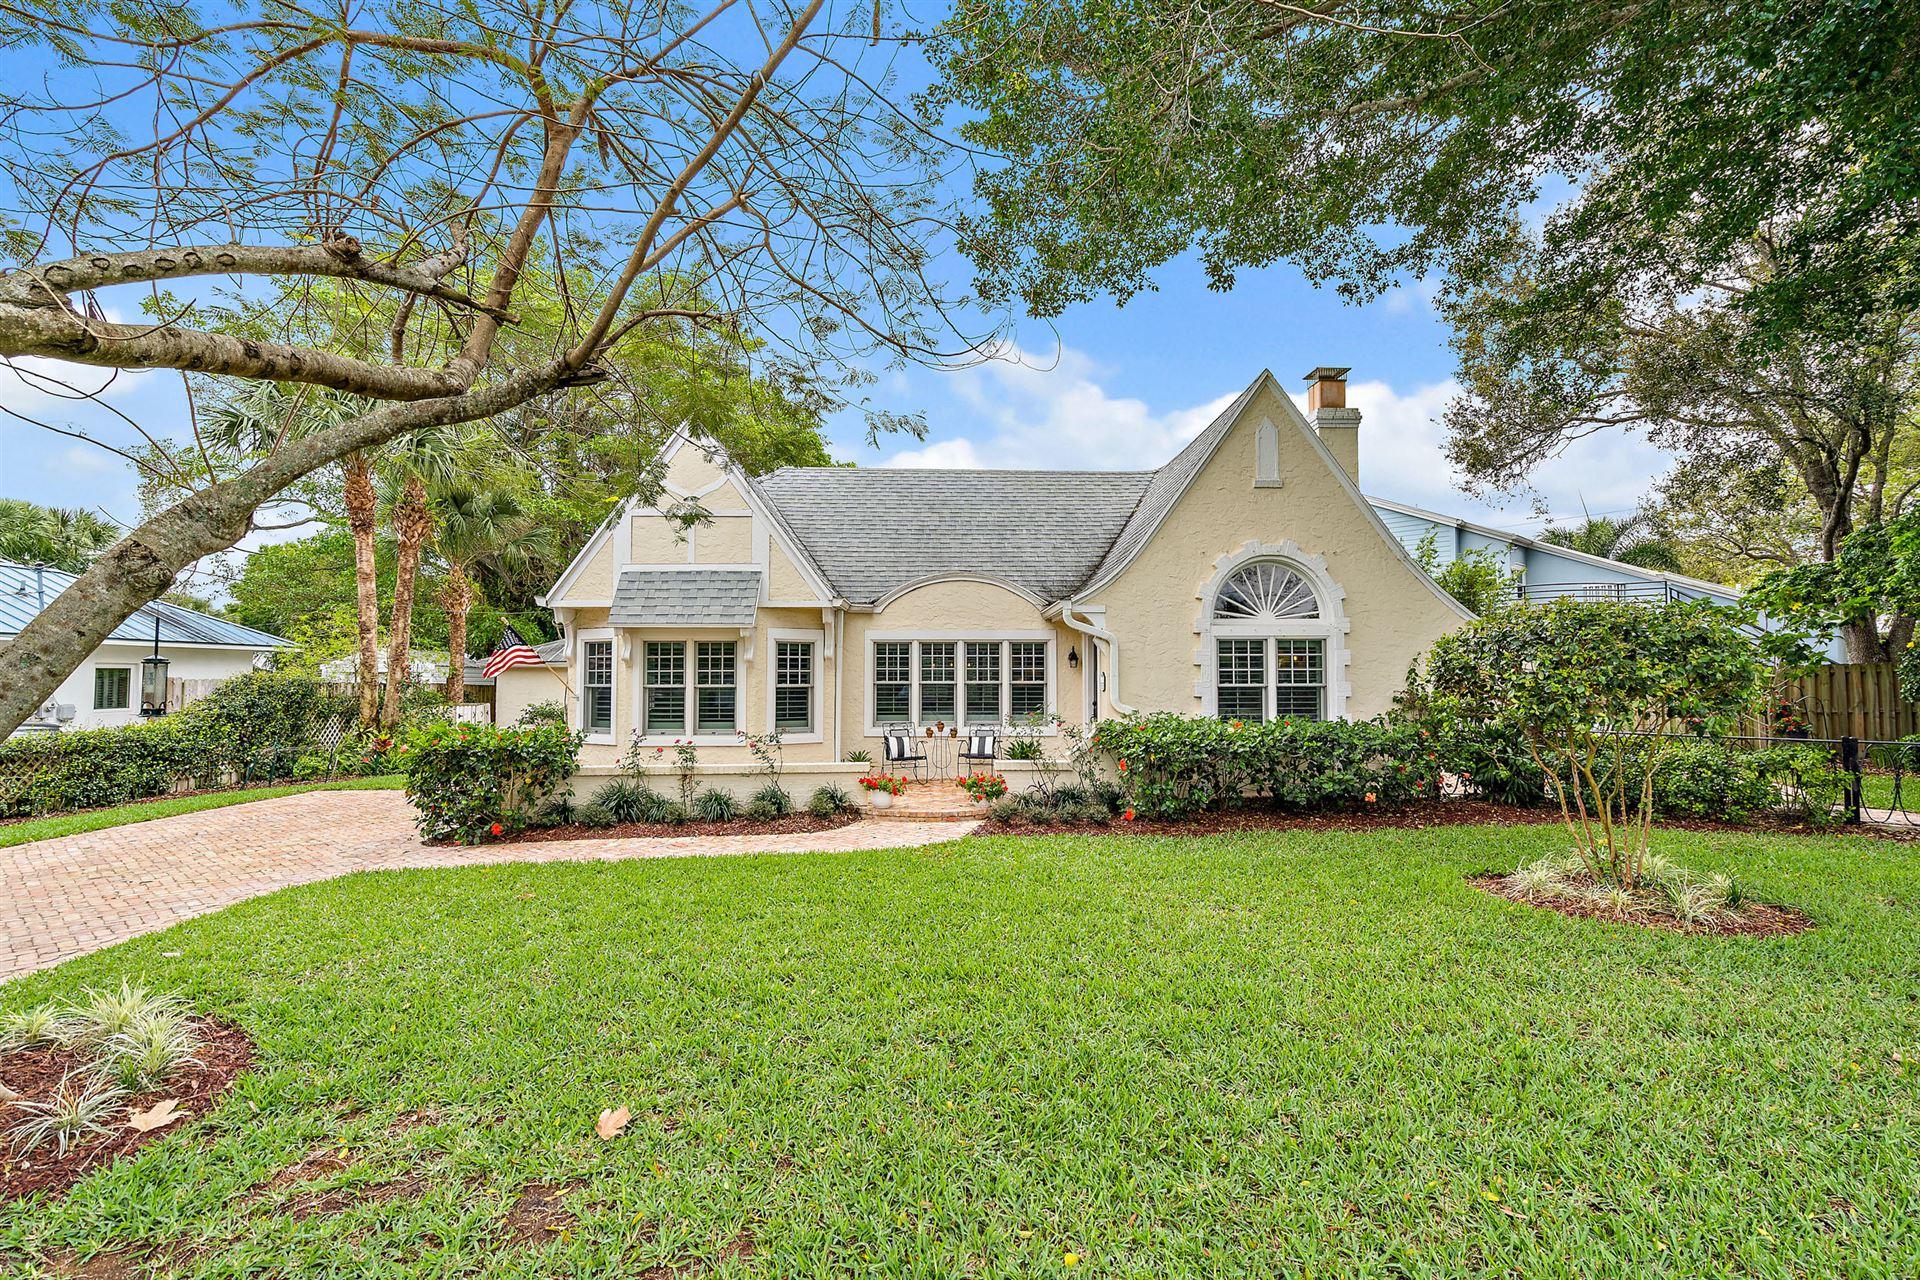 313 SE Pelican Drive, Stuart, FL 34996 - #: RX-10699455